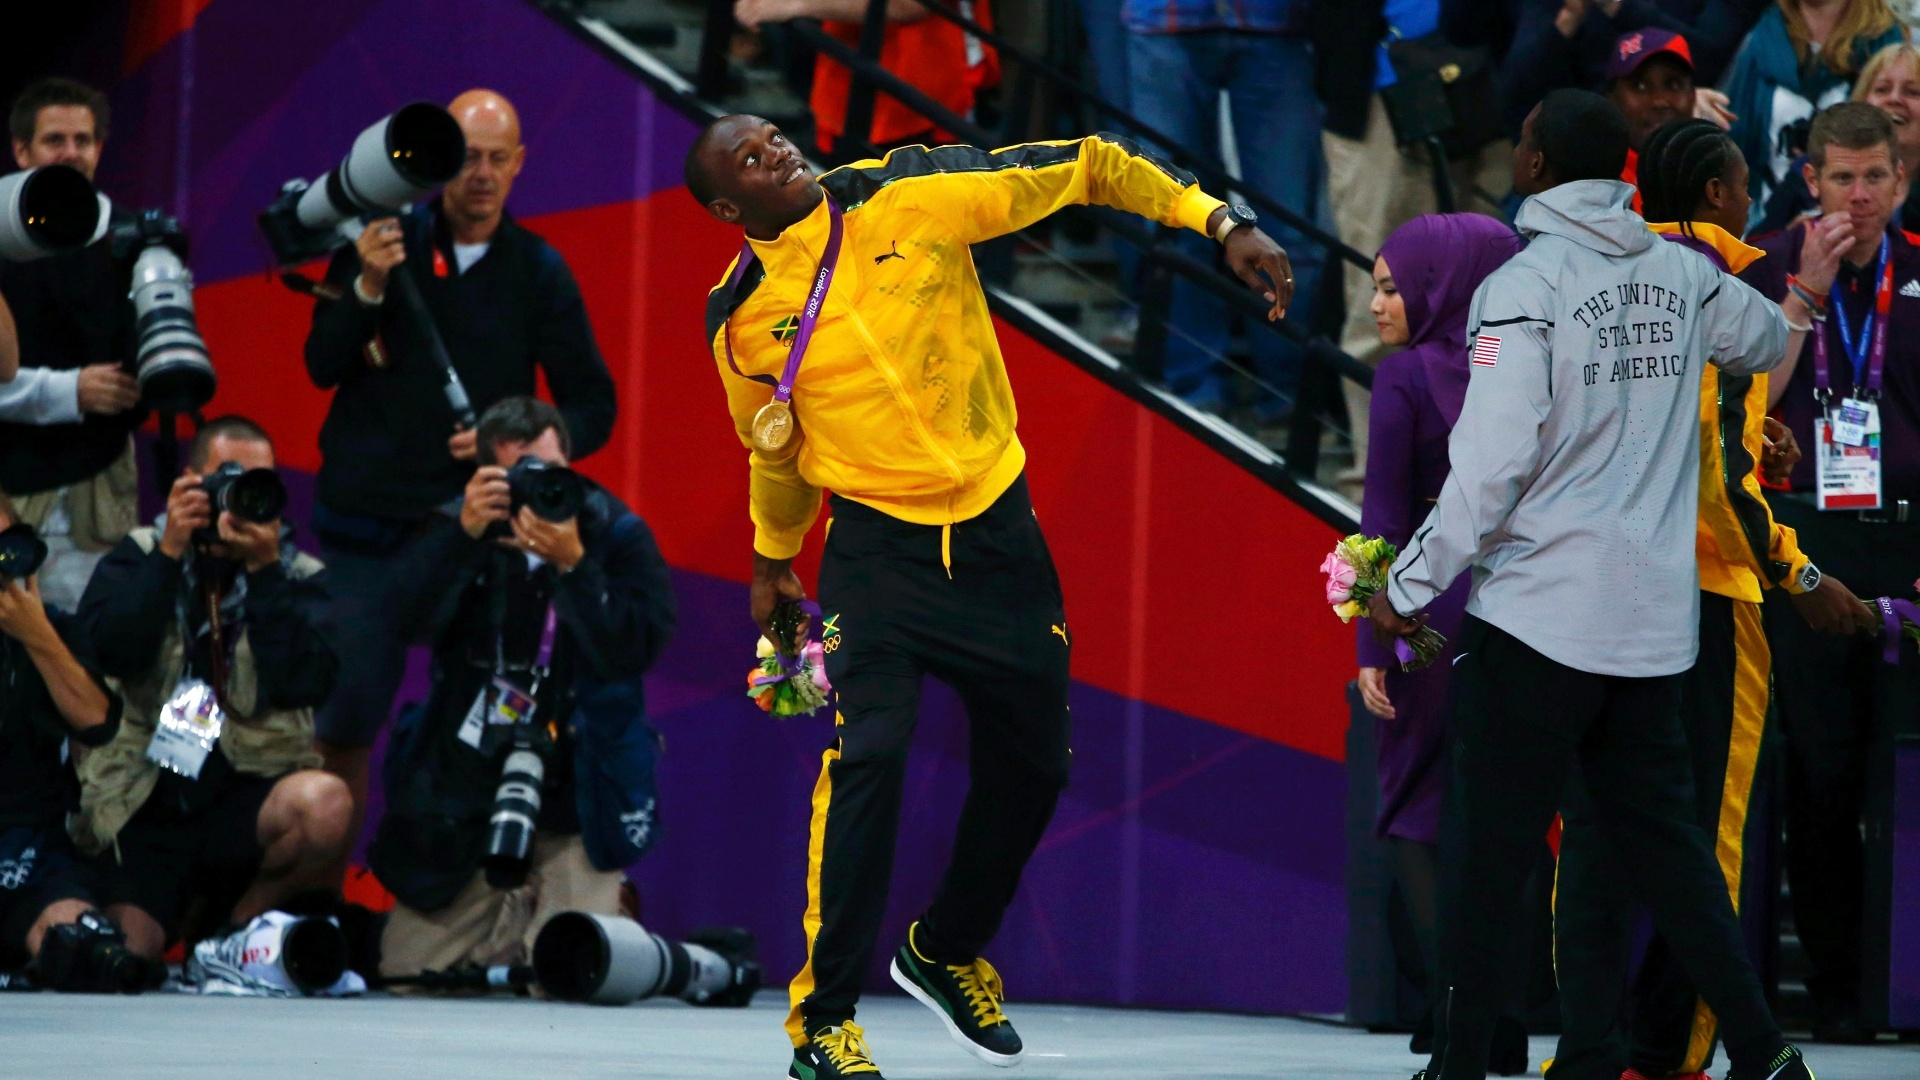 Medalhista de ouro Usain Bolt joga para o ar buquê de flores, após cerimônia de premiação dos 100 m rasos dos Jogos de Londres